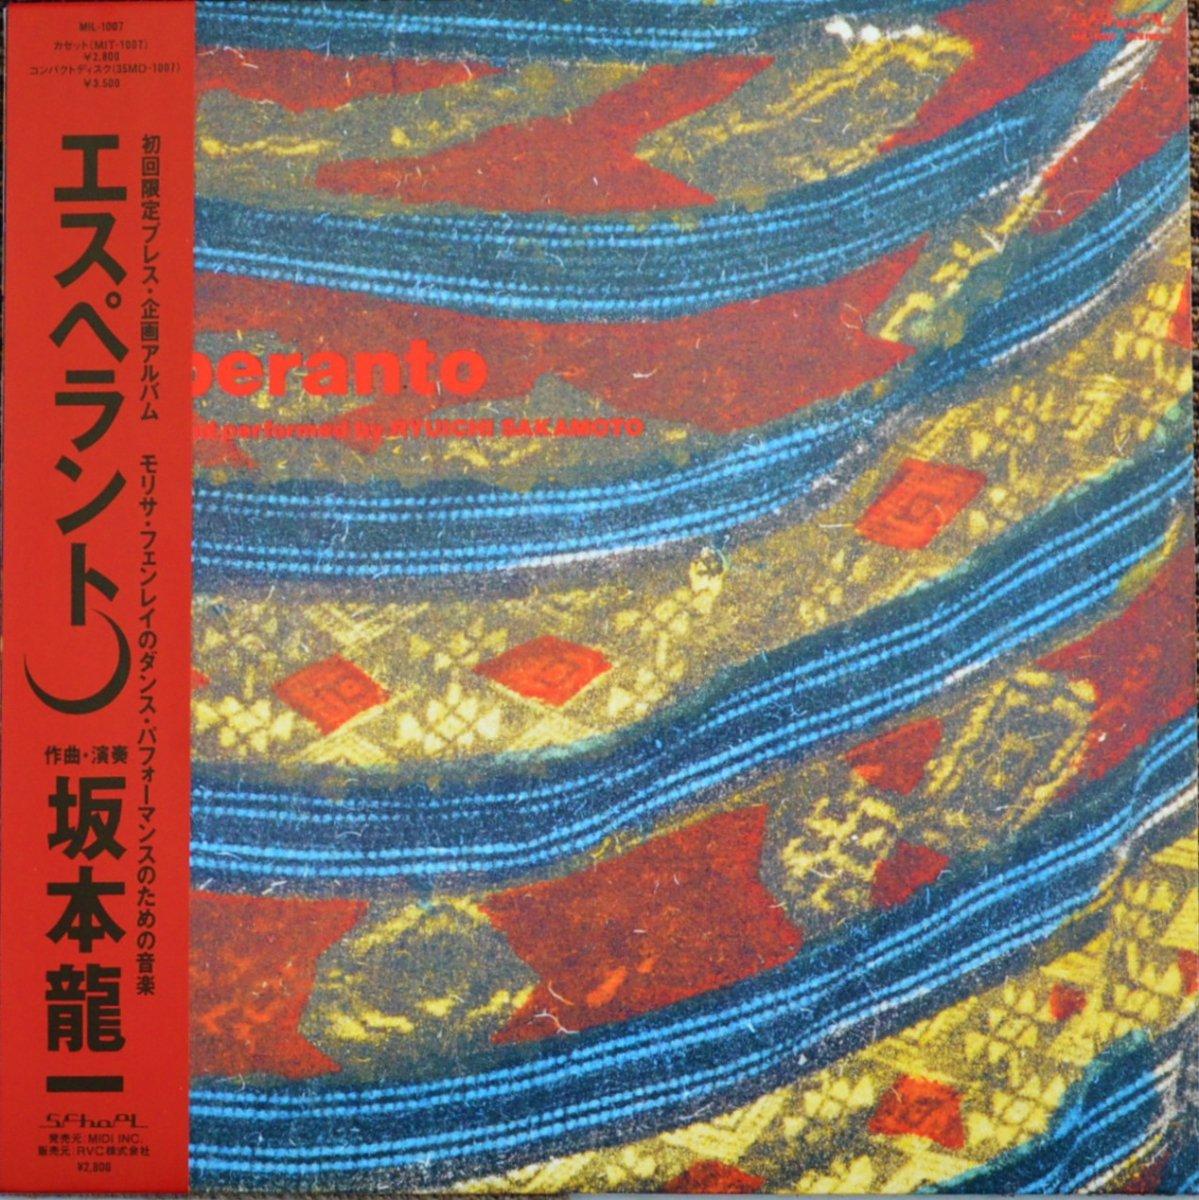 坂本龍一 RYUICHI SAKAMOTO / エスペラント ESPERANTO (LP)